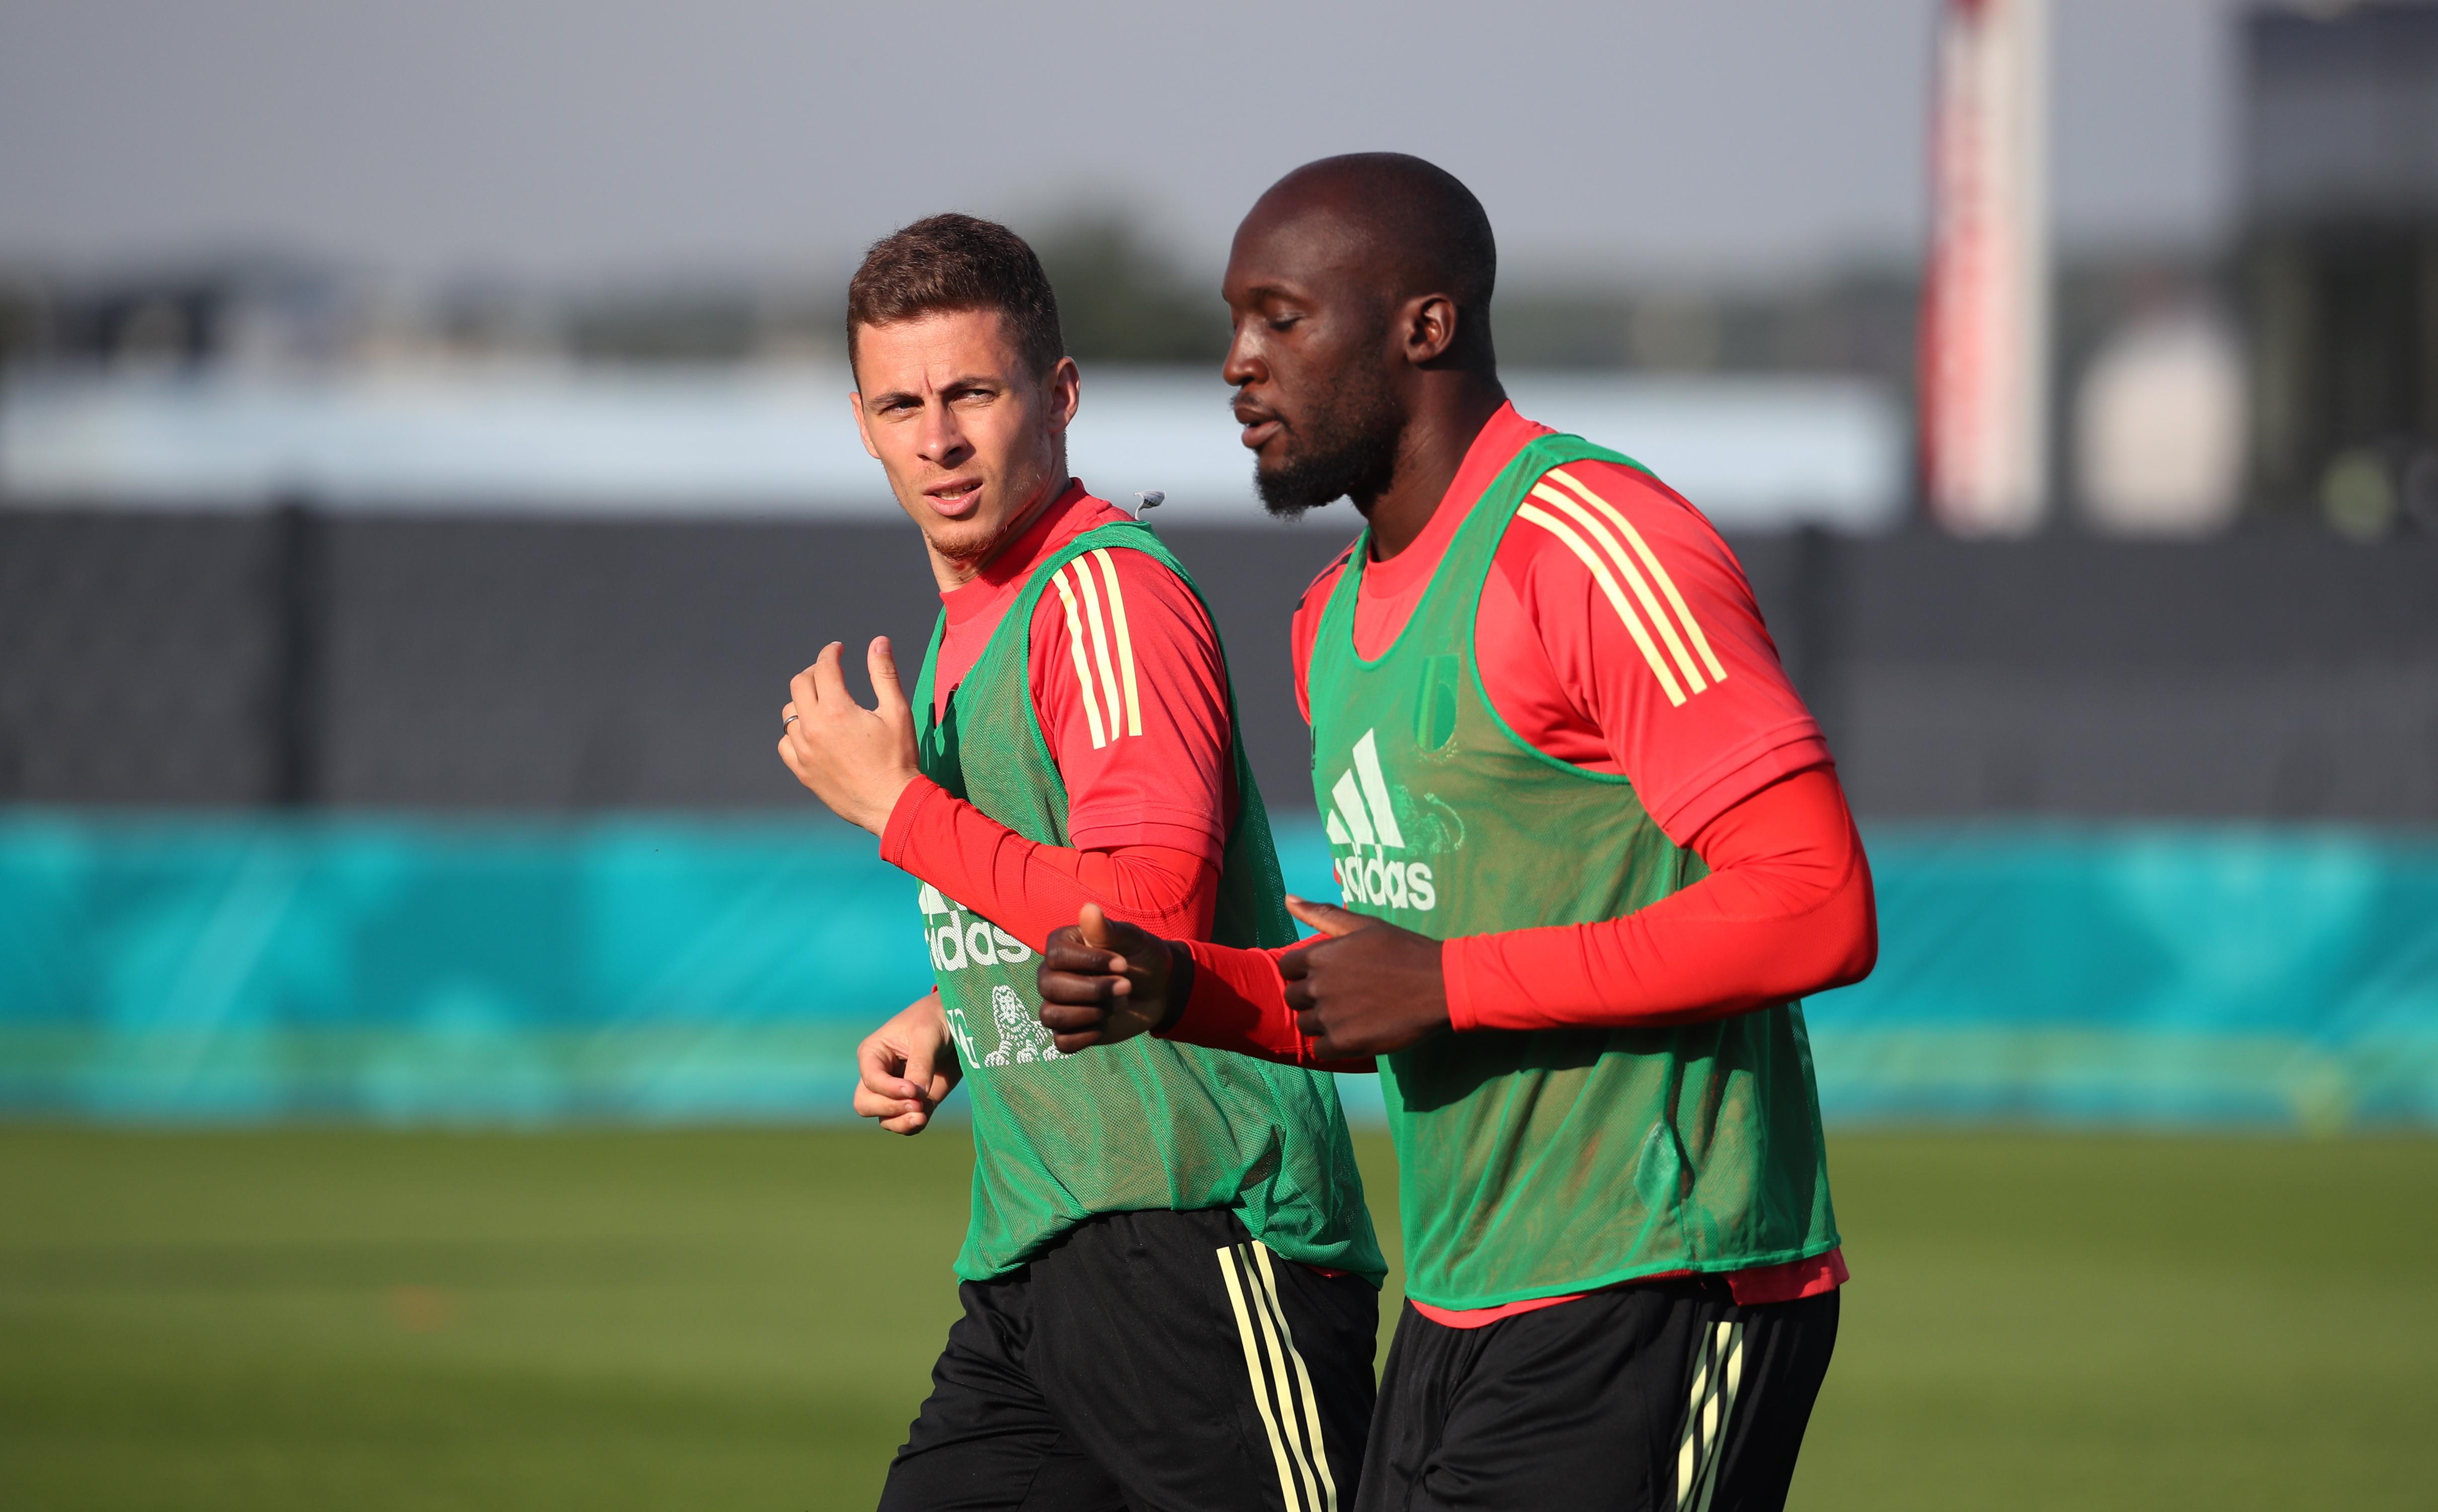 Belgium Training Session